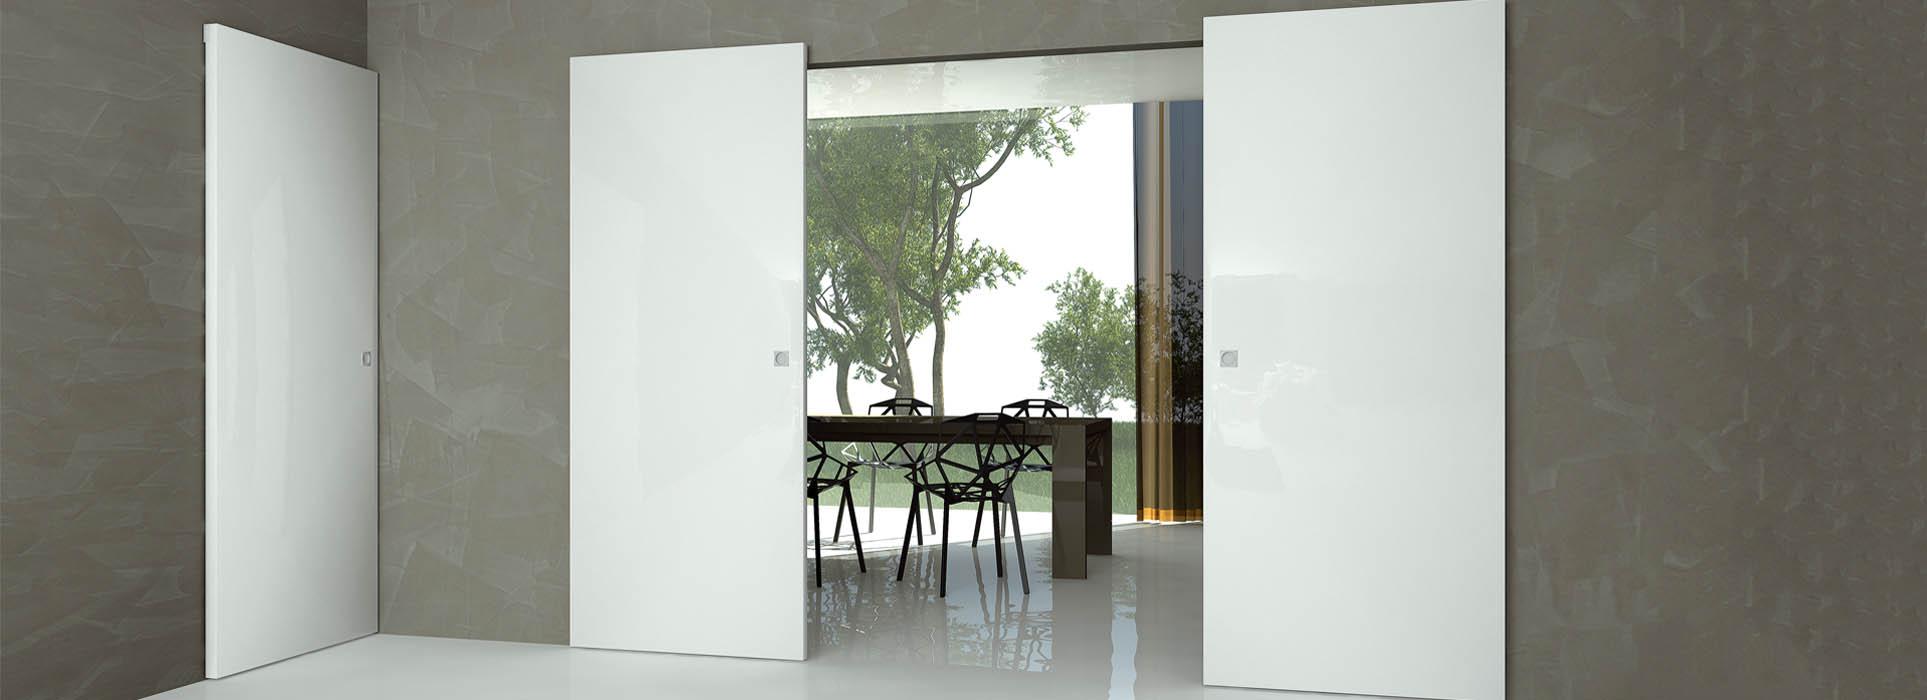 Porte interne prezzi ikea contenitori da parete ikea with - Porte scorrevoli esterno muro prezzi ...